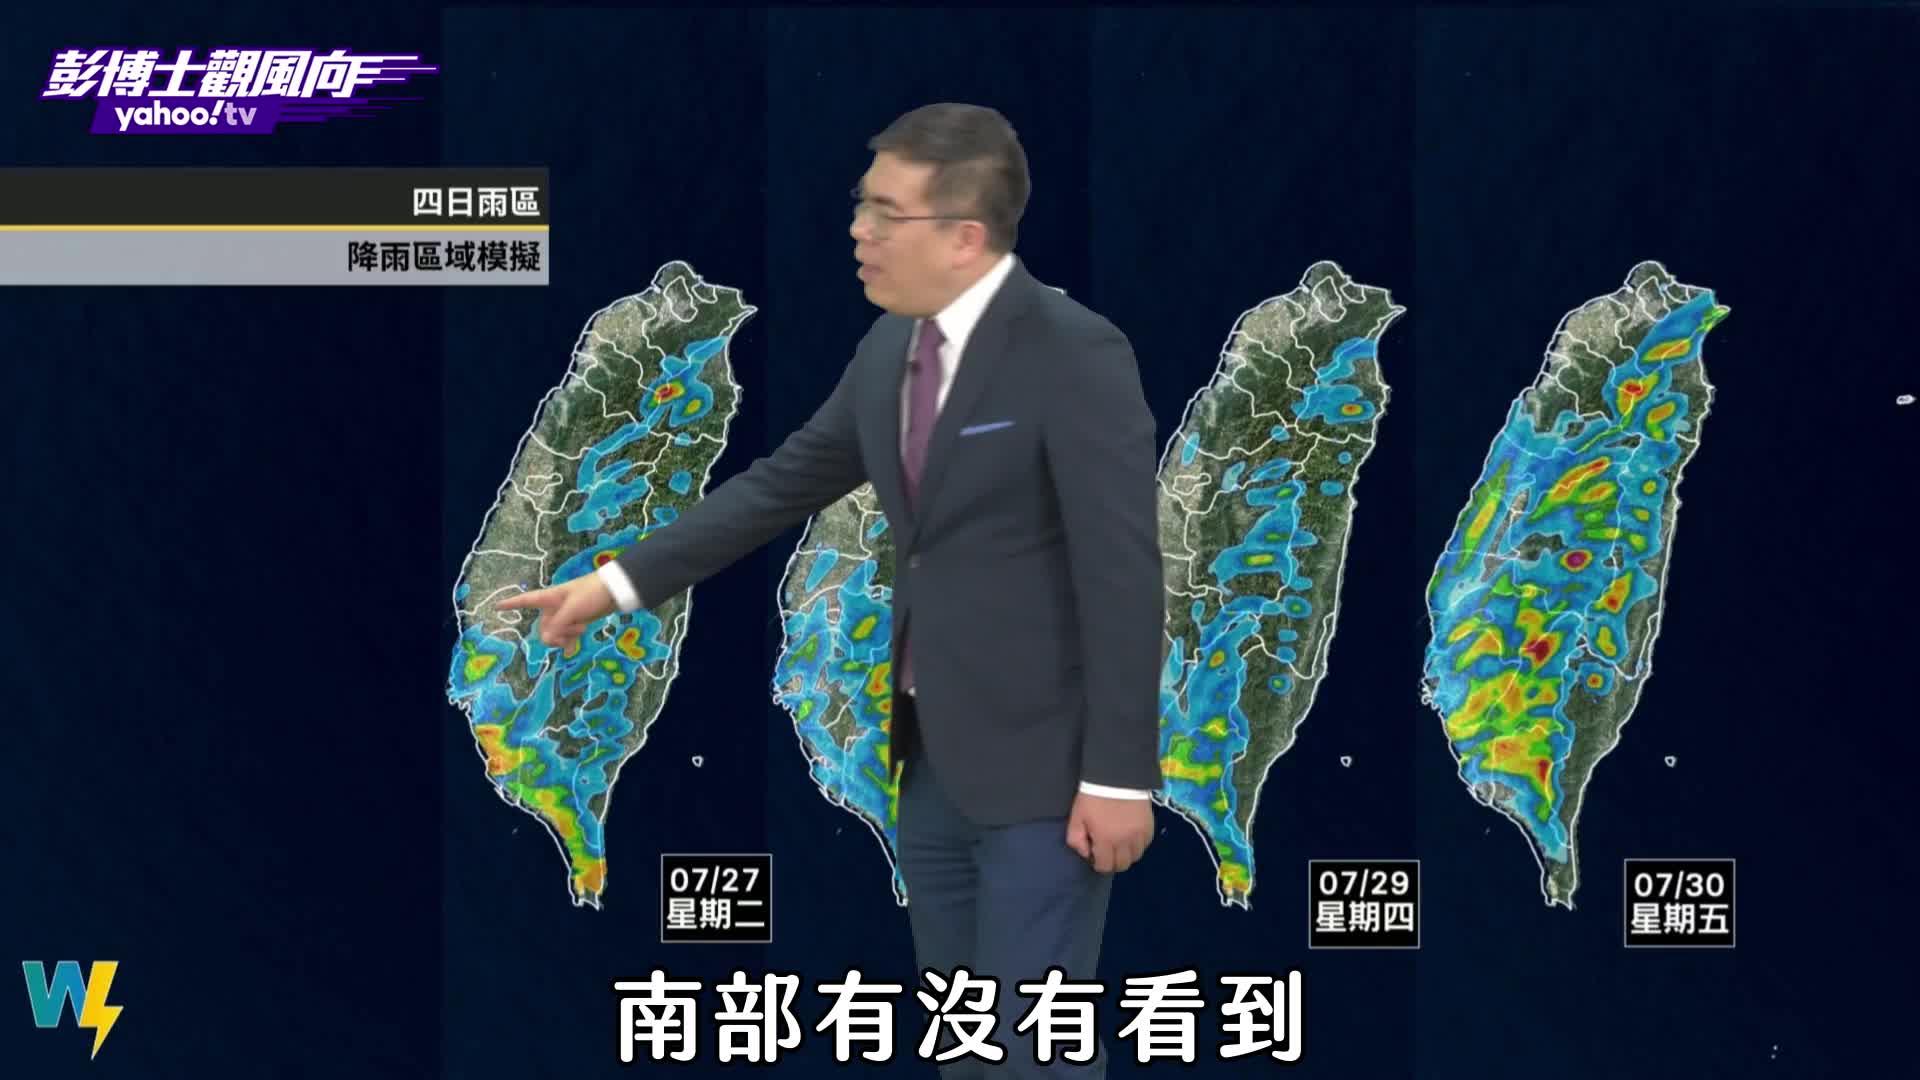 烟花颱風遠離 台灣南部受西南風影響降雨一週